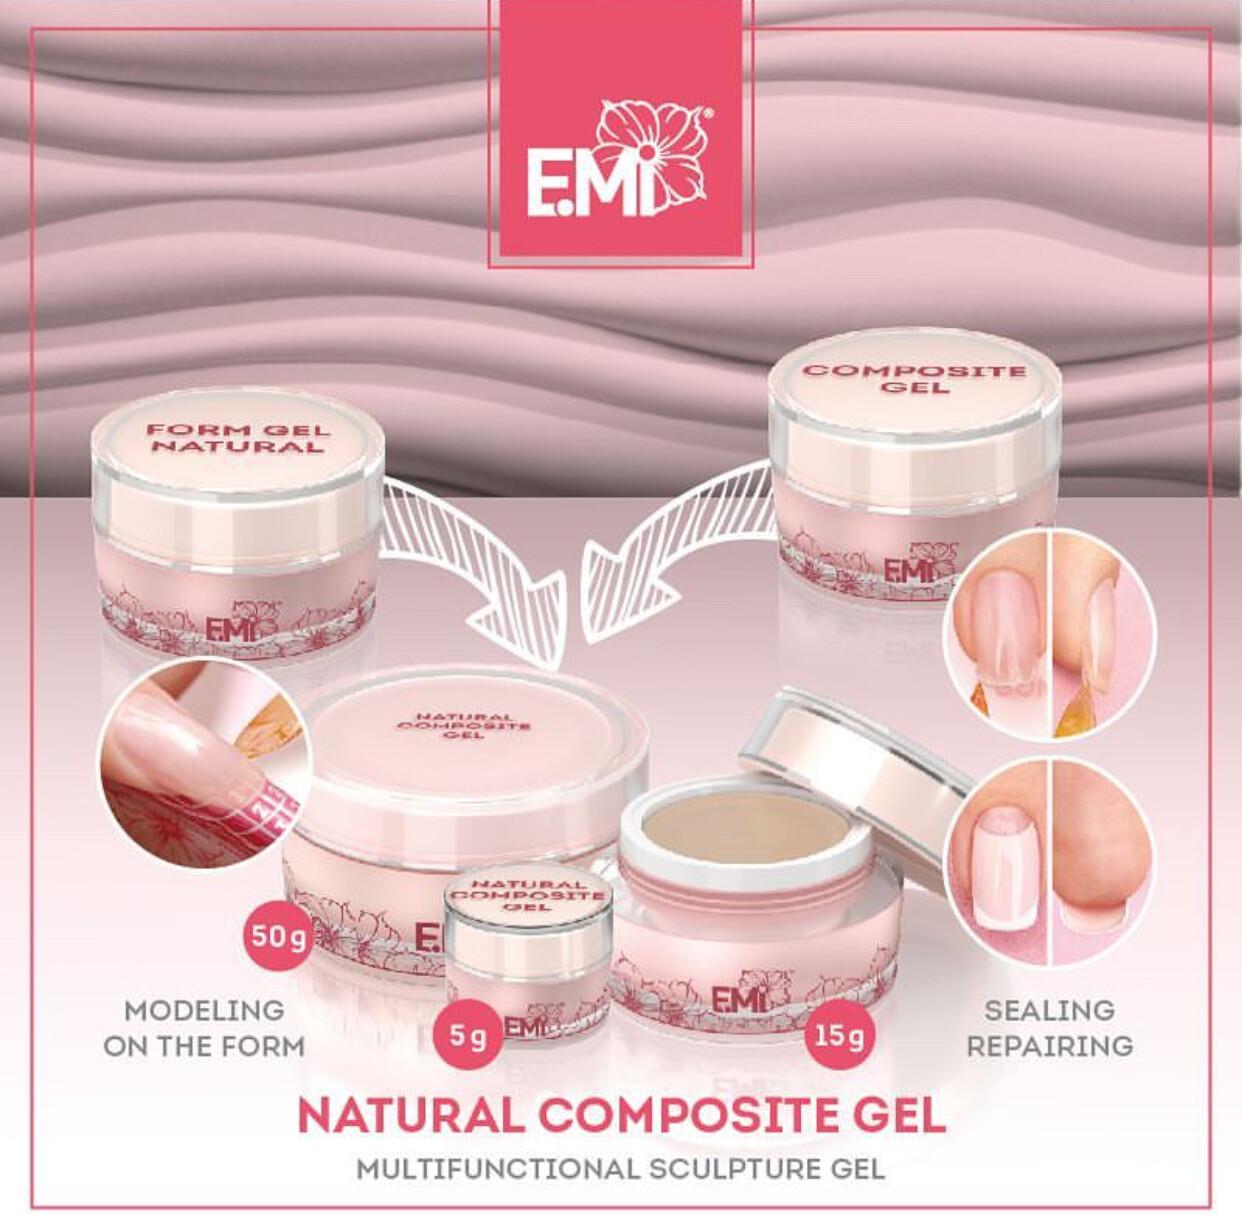 Natural Composite Gel, 5g.